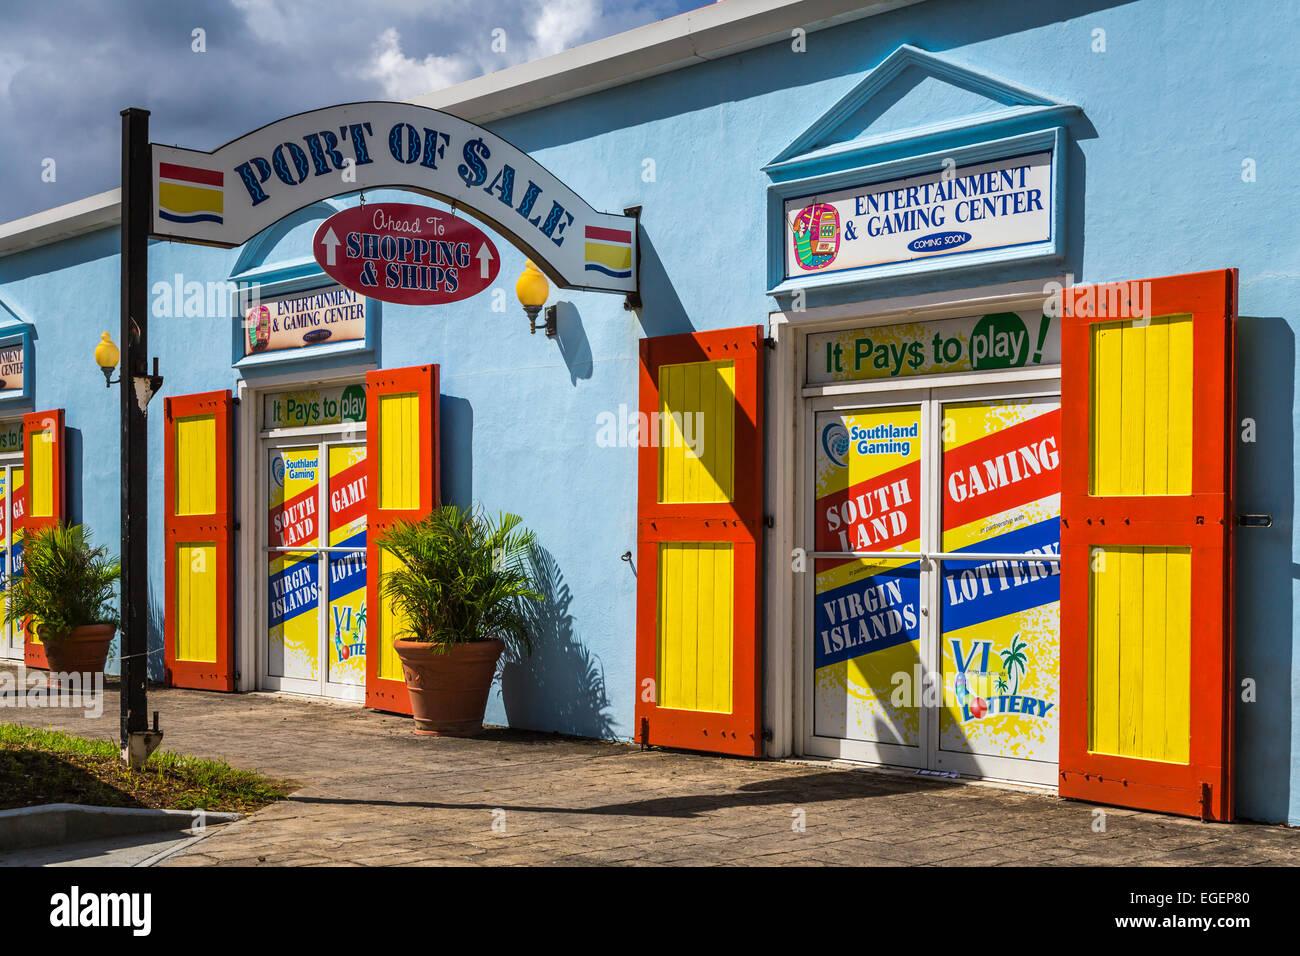 Läden Und Geschäfte An Havensight Charlotte Amalie St Thomas Amerikanische Jungferninseln Karibik Stockfotografie Alamy